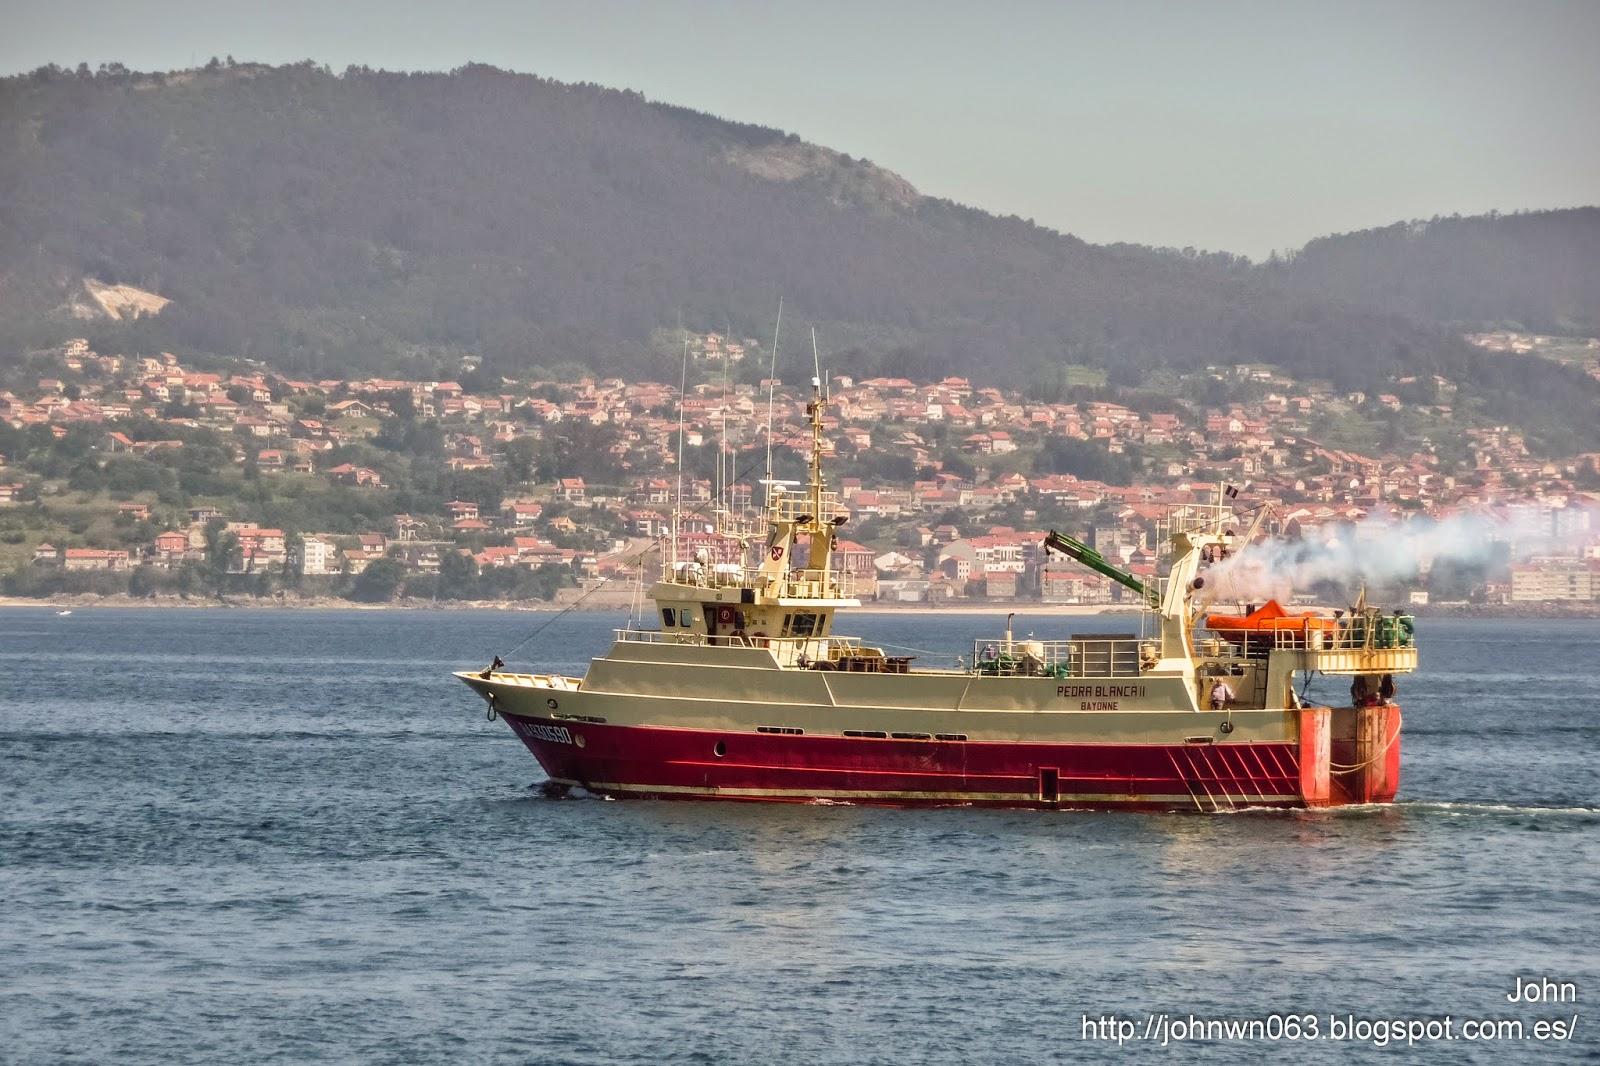 fotos de barcos, imagenes de barcos, pedra blanca, arrastrero, vigo